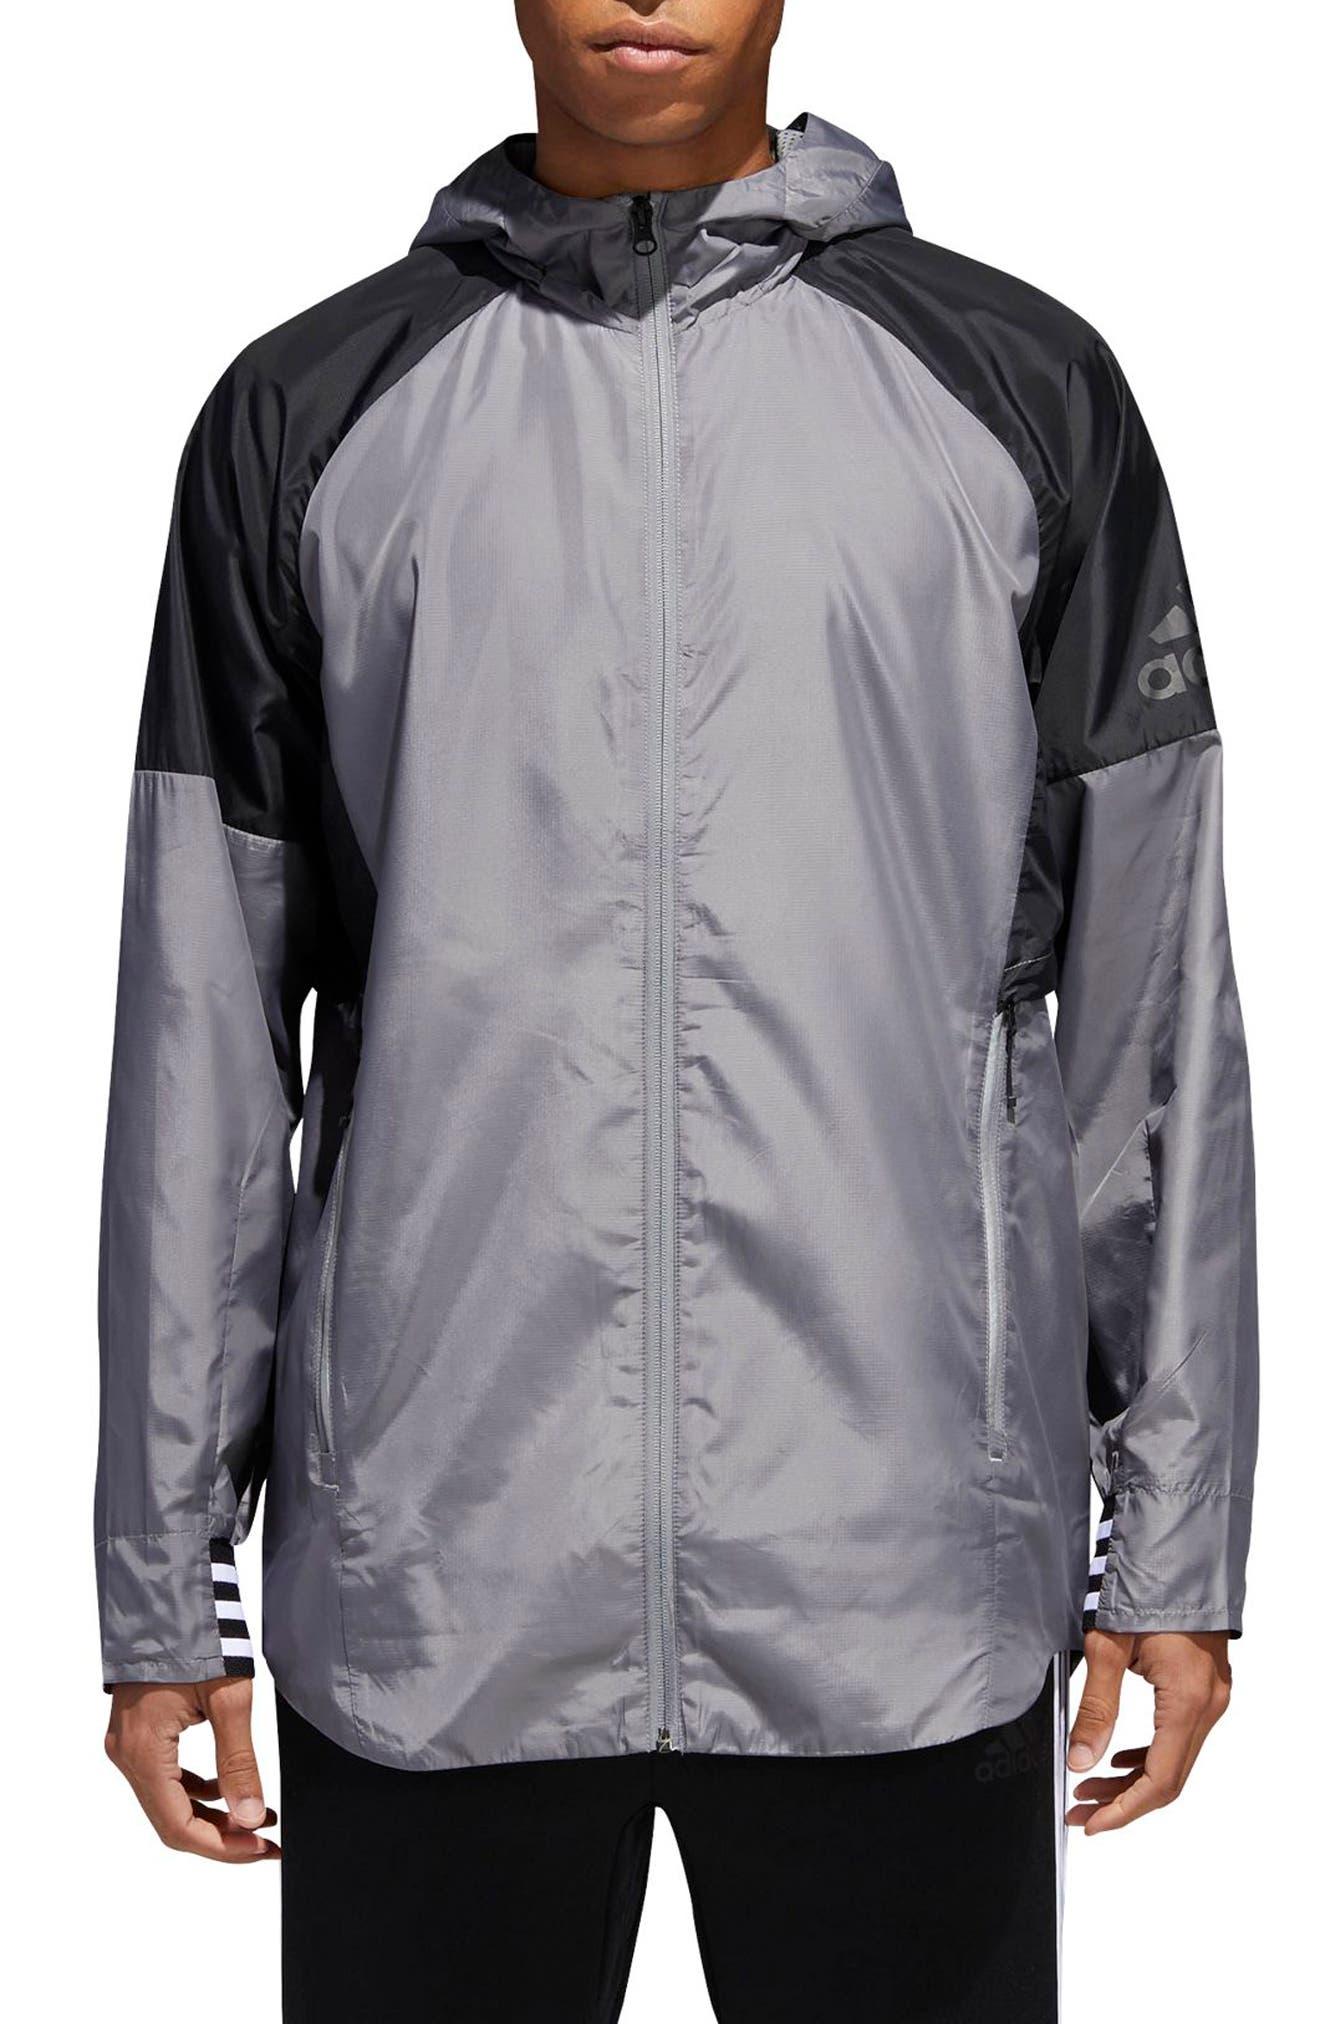 ID Wovenshell Jacket,                         Main,                         color, Grey Three